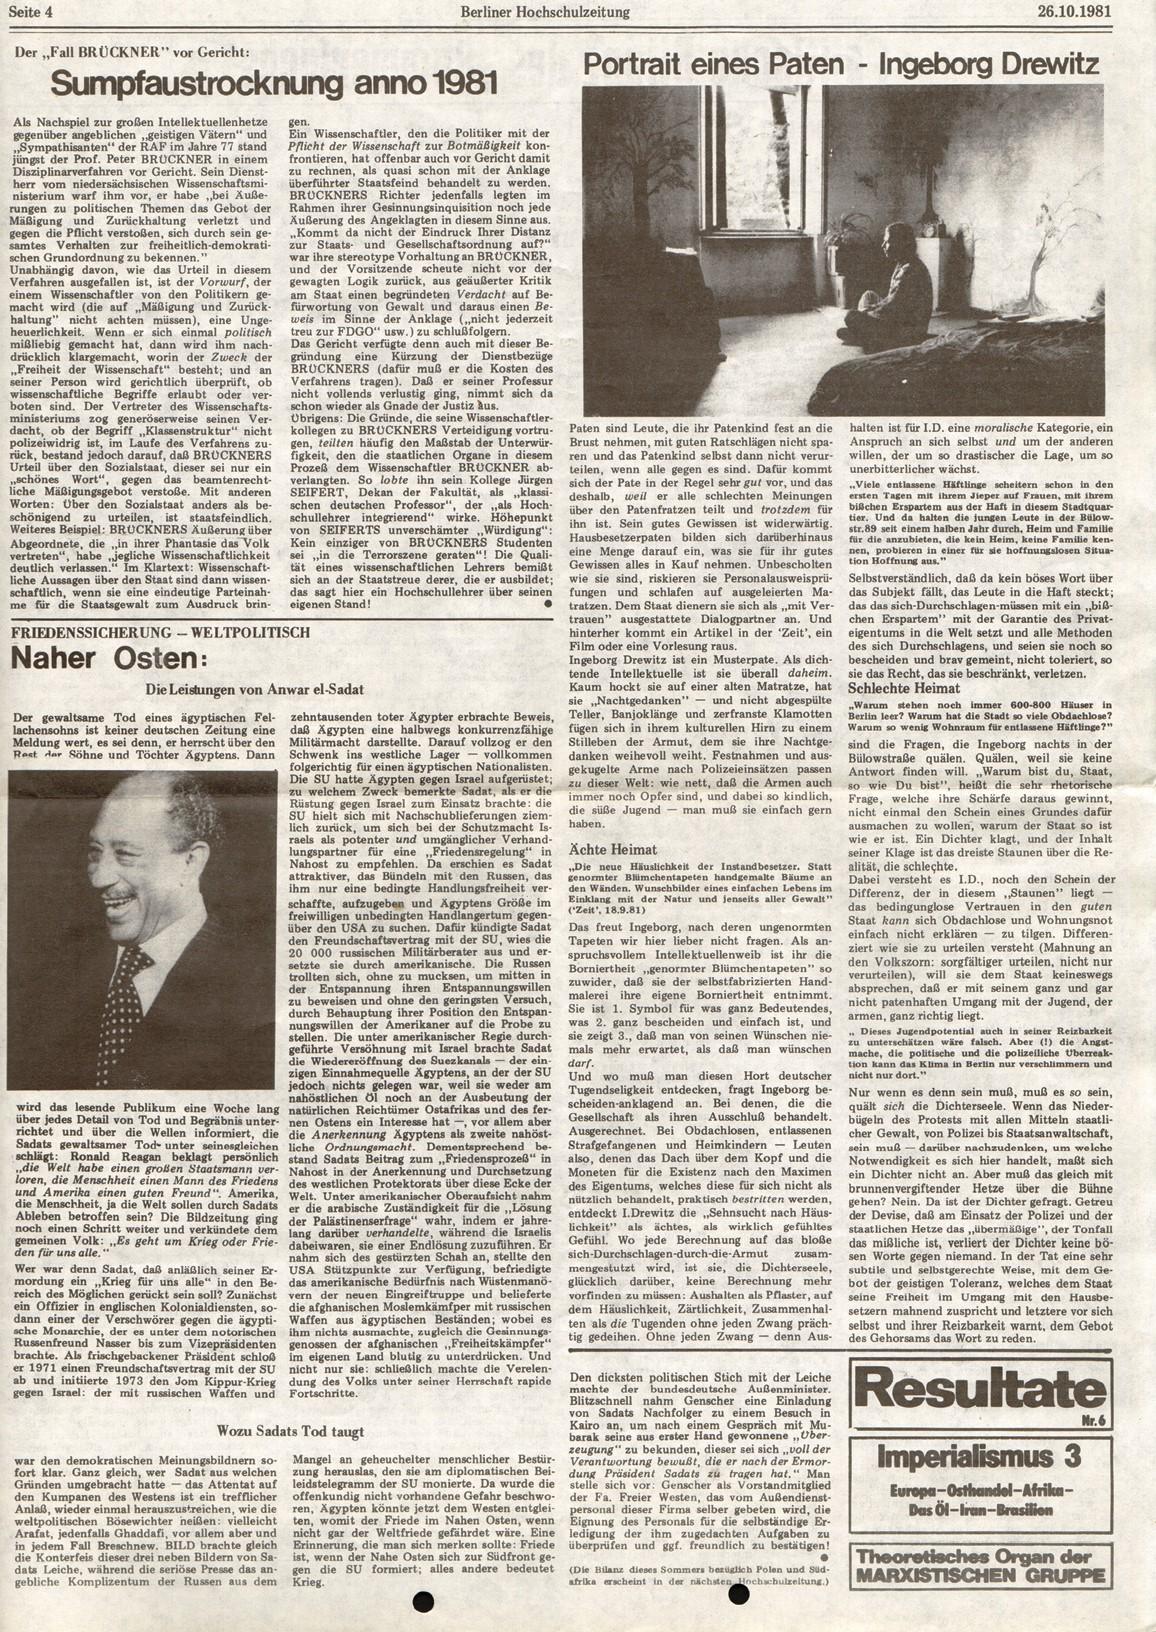 Berlin_MG_Hochschulzeitung_19811026_04